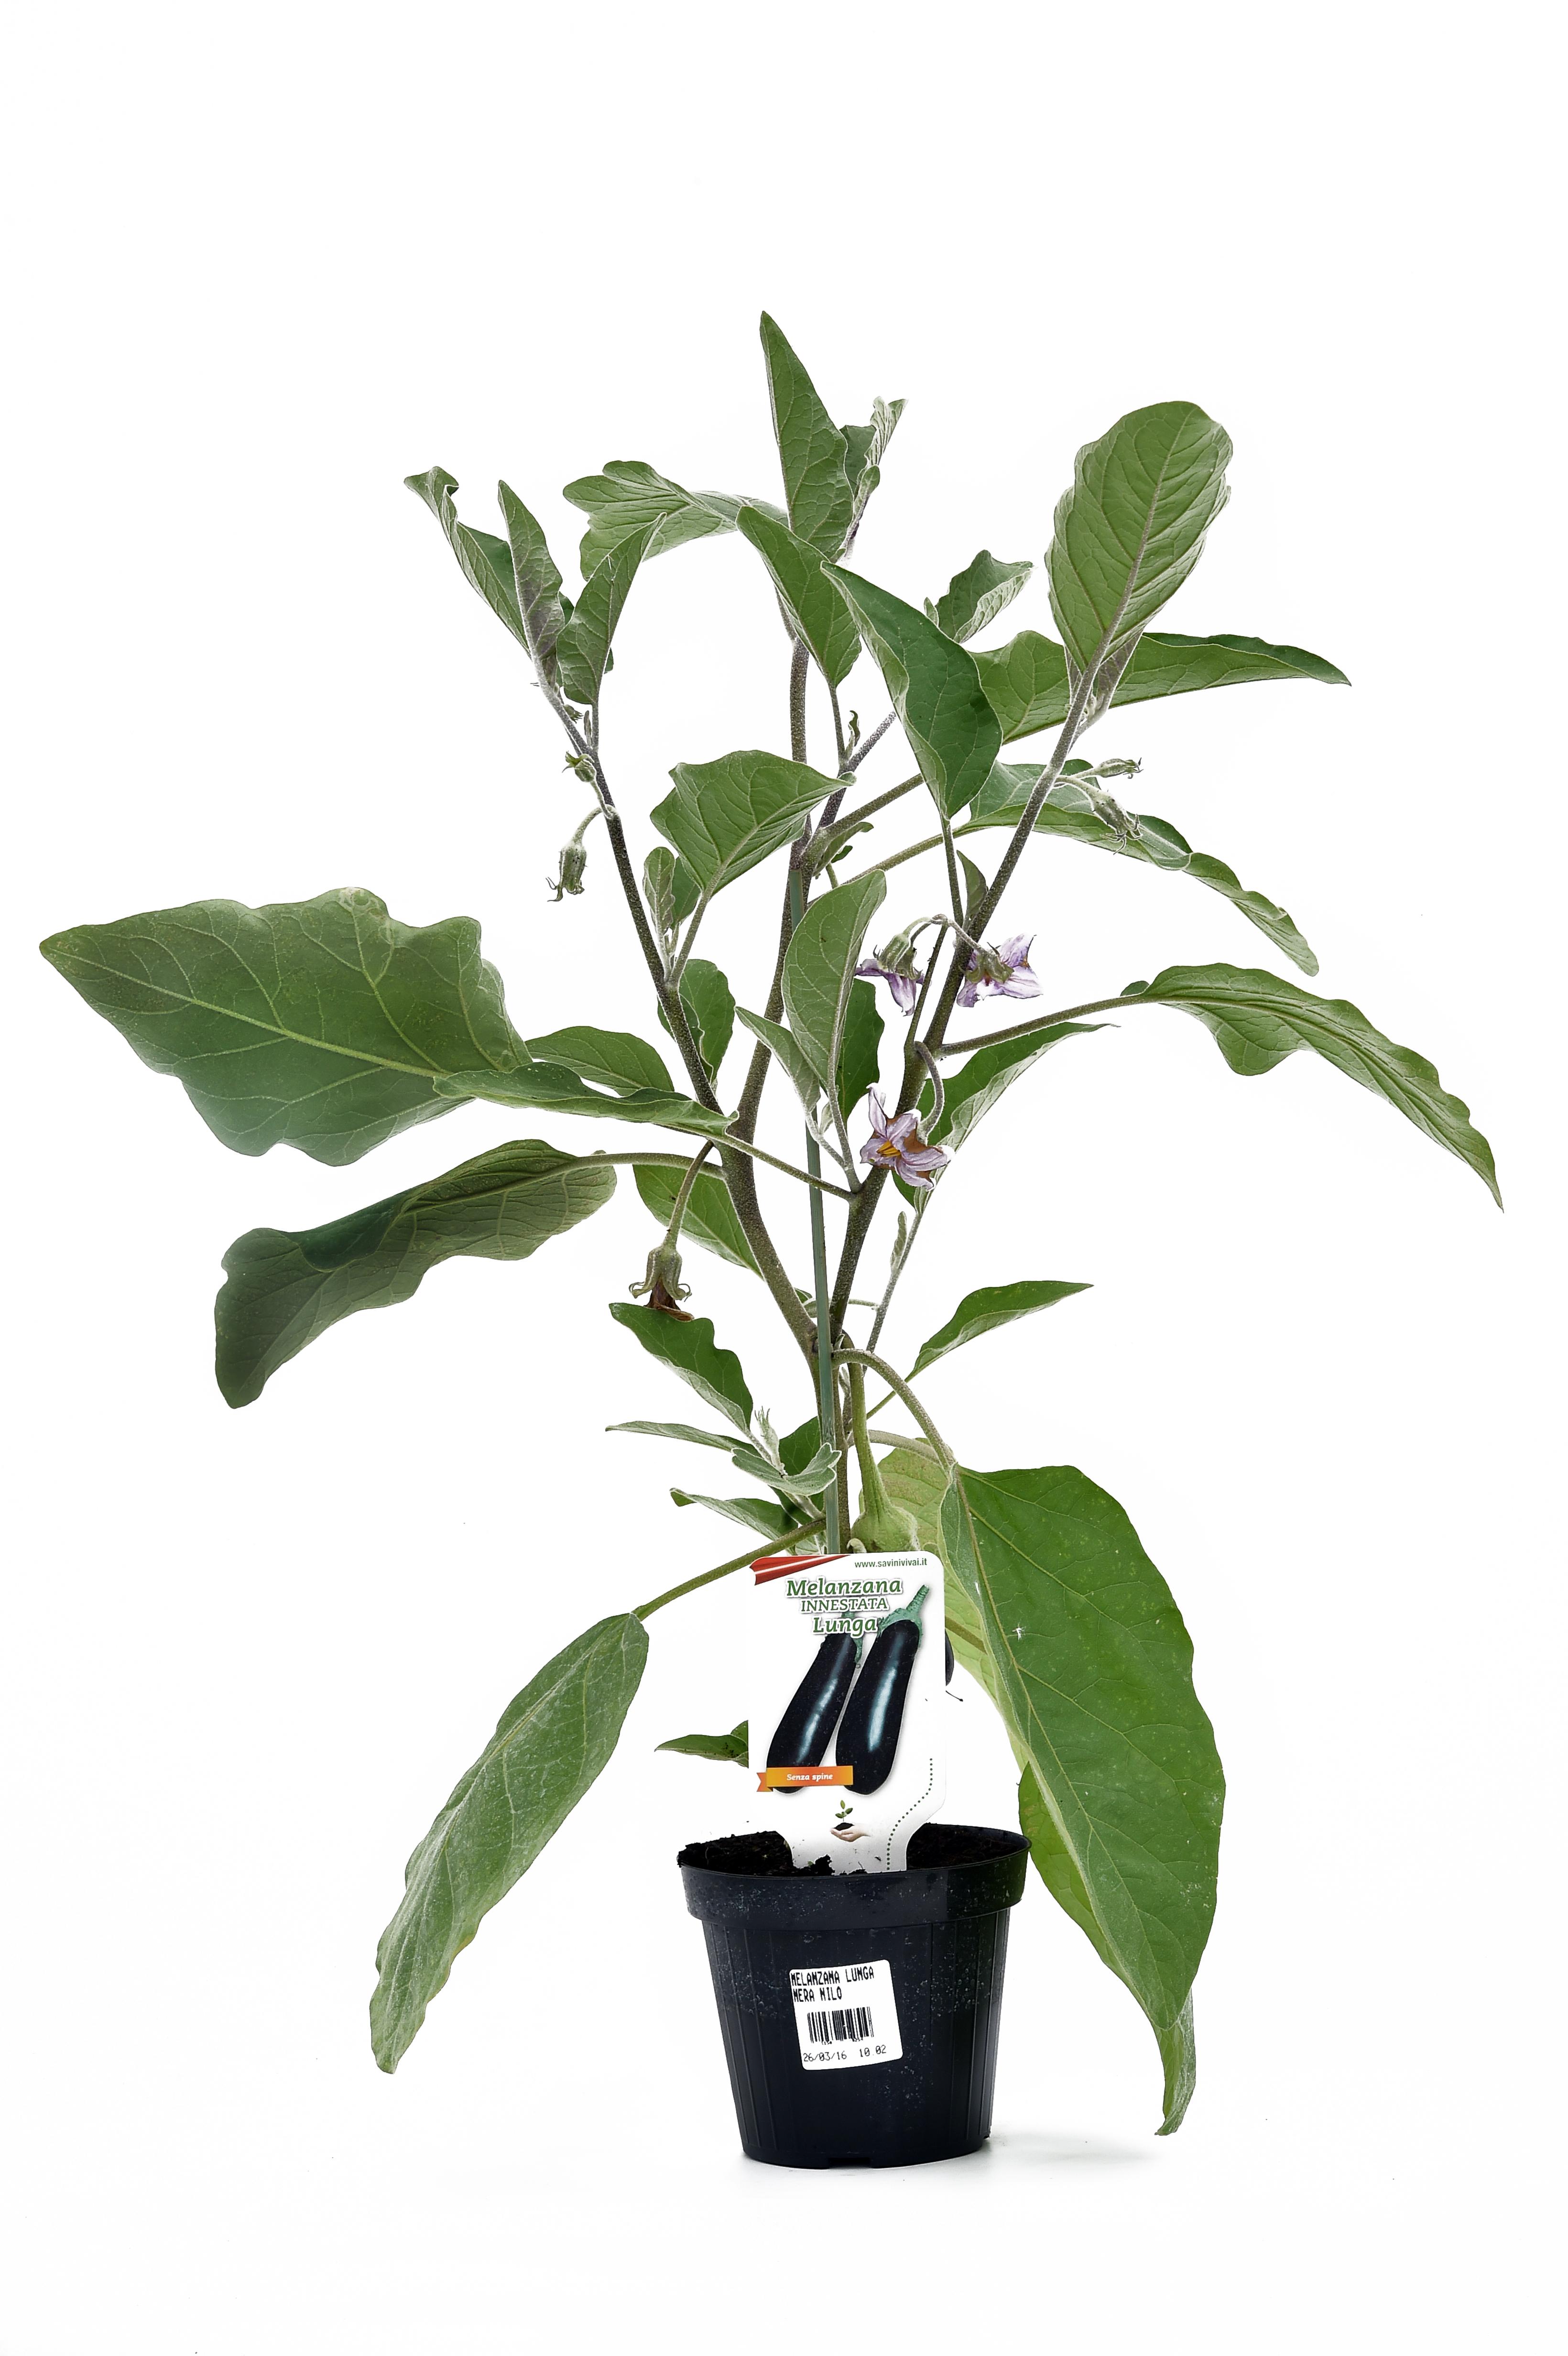 pianta di melanzana innestata lunga nera nilo f1 in vaso